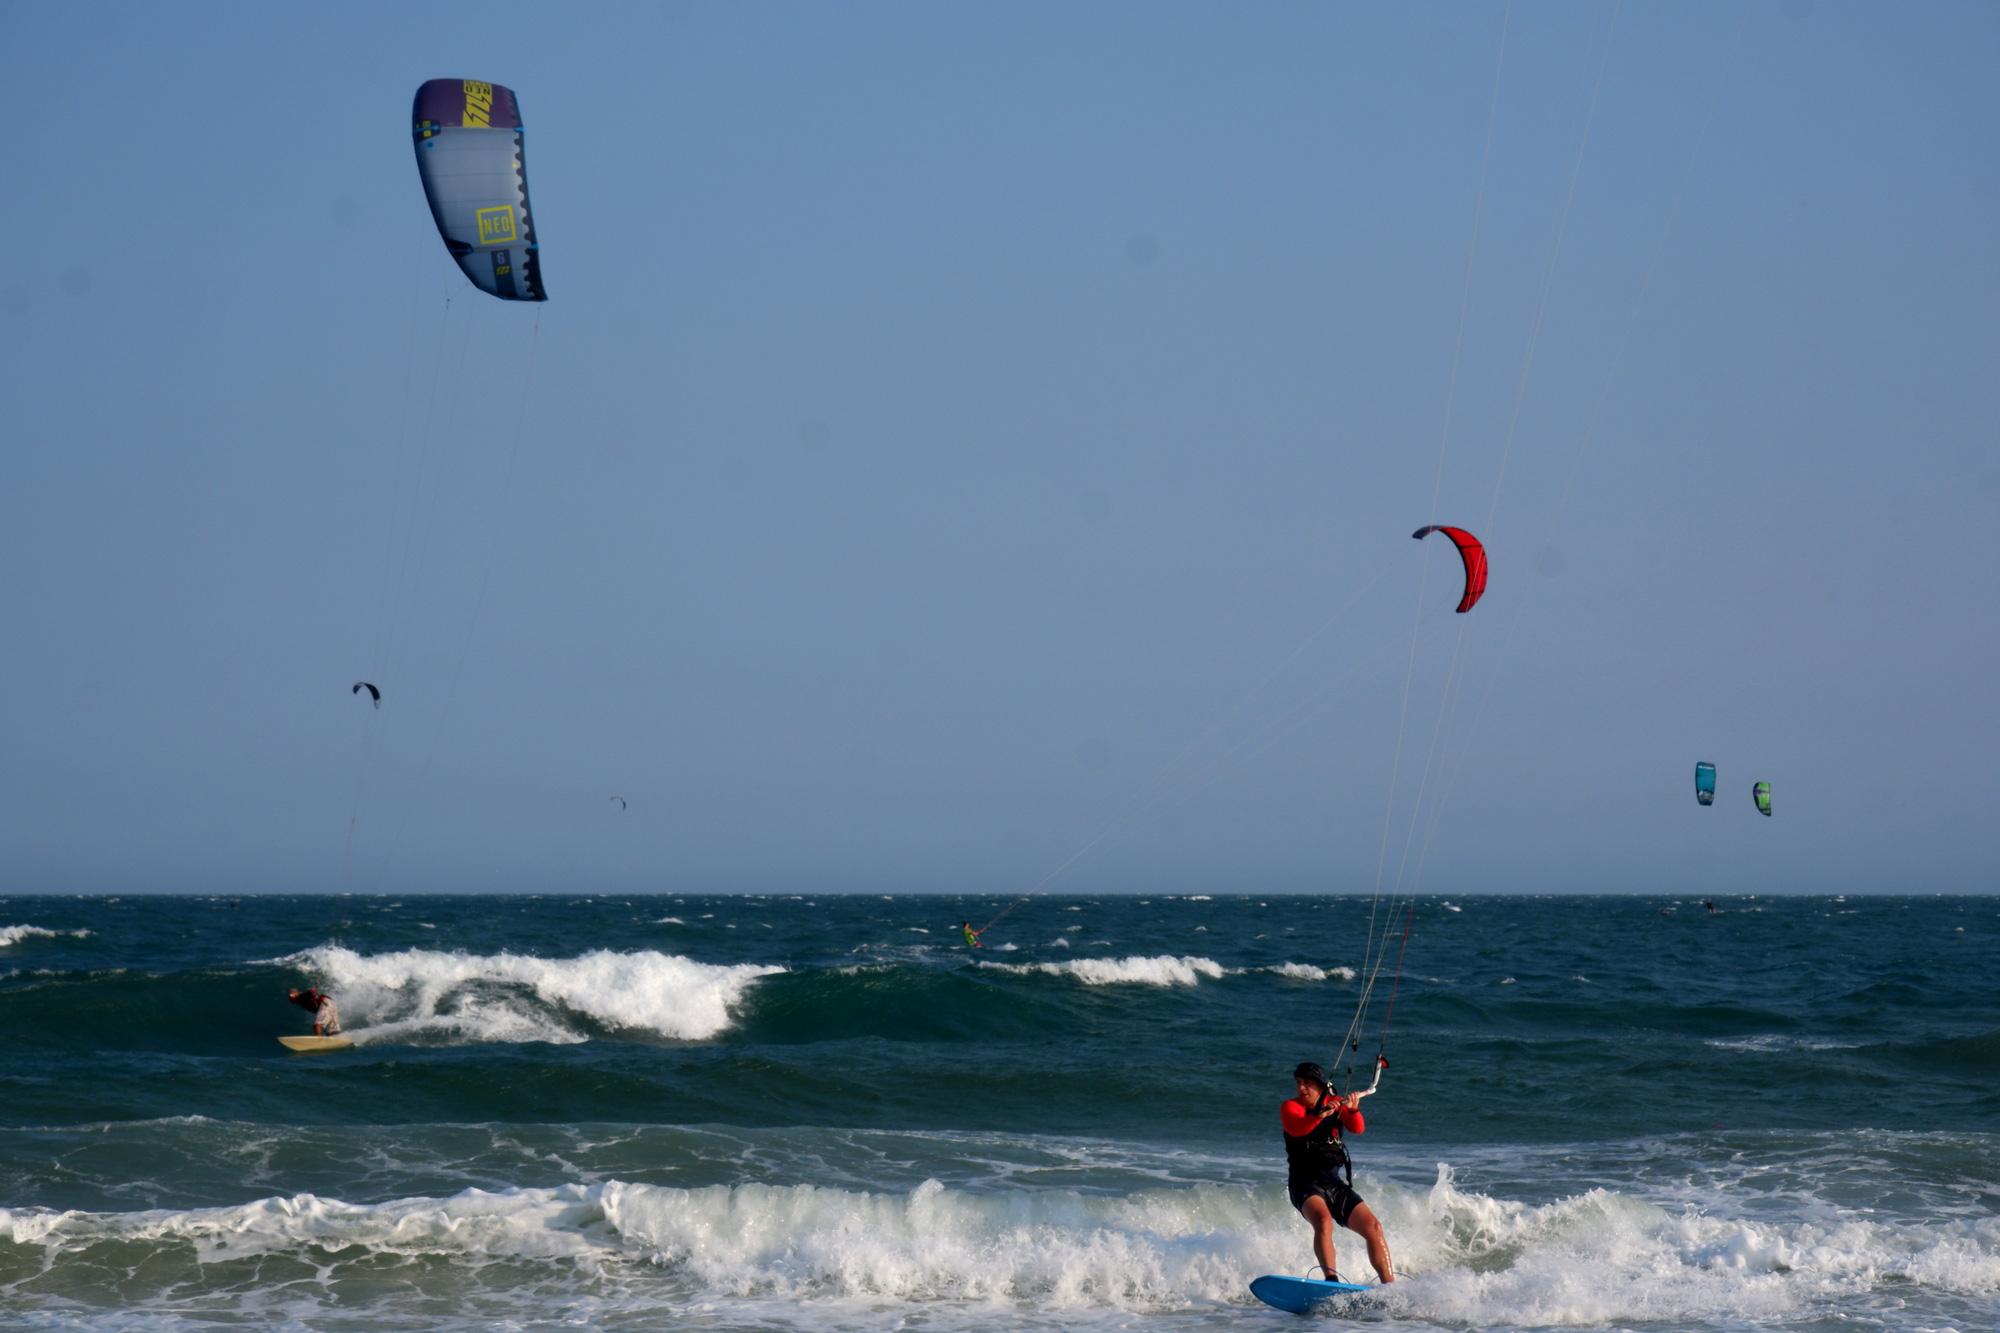 Tourist go kite surfing at Mui Ne Beach in Binh Thuan Province, Vietnam, March 15, 2020. Photo: Son Lam / Tuoi Tre